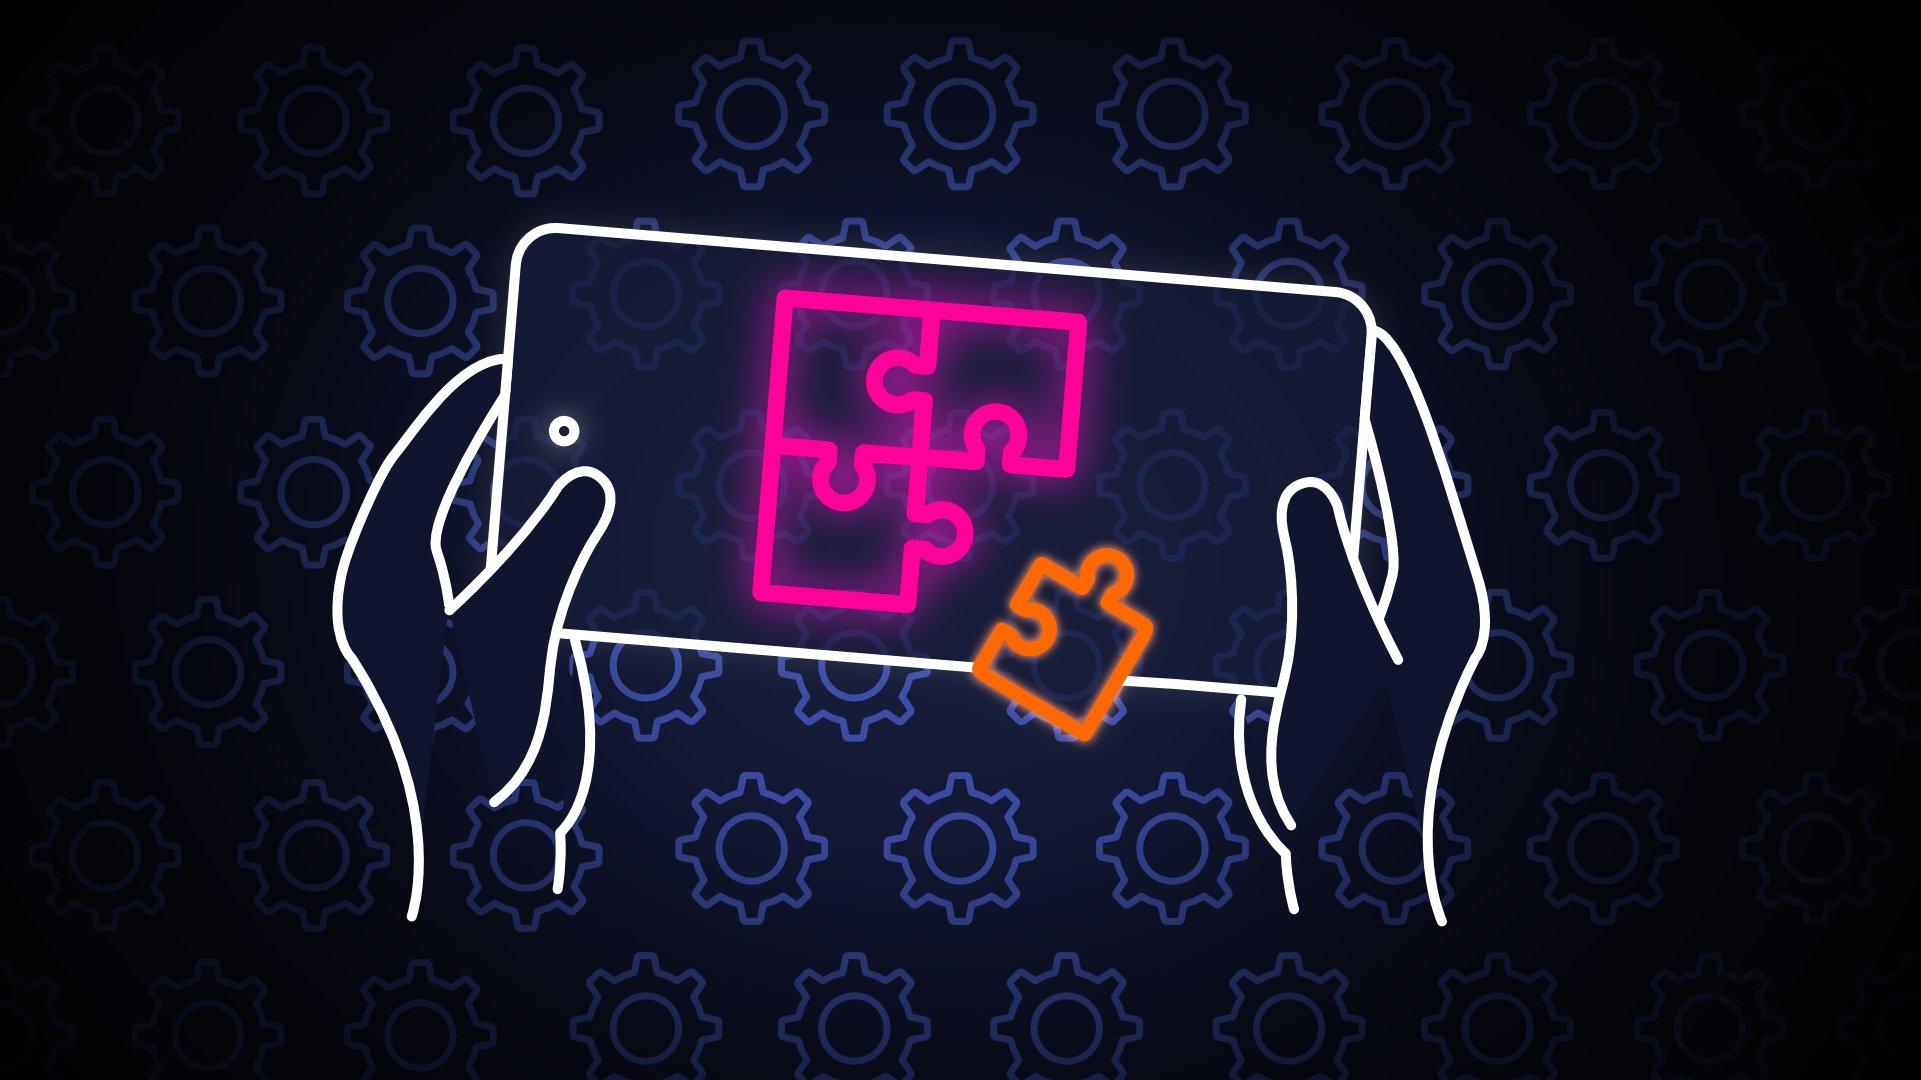 Les Meilleurs Jeux De Réflexion Gratuits Et Payants Sur Android serapportantà Jeux Gratuit De Mots